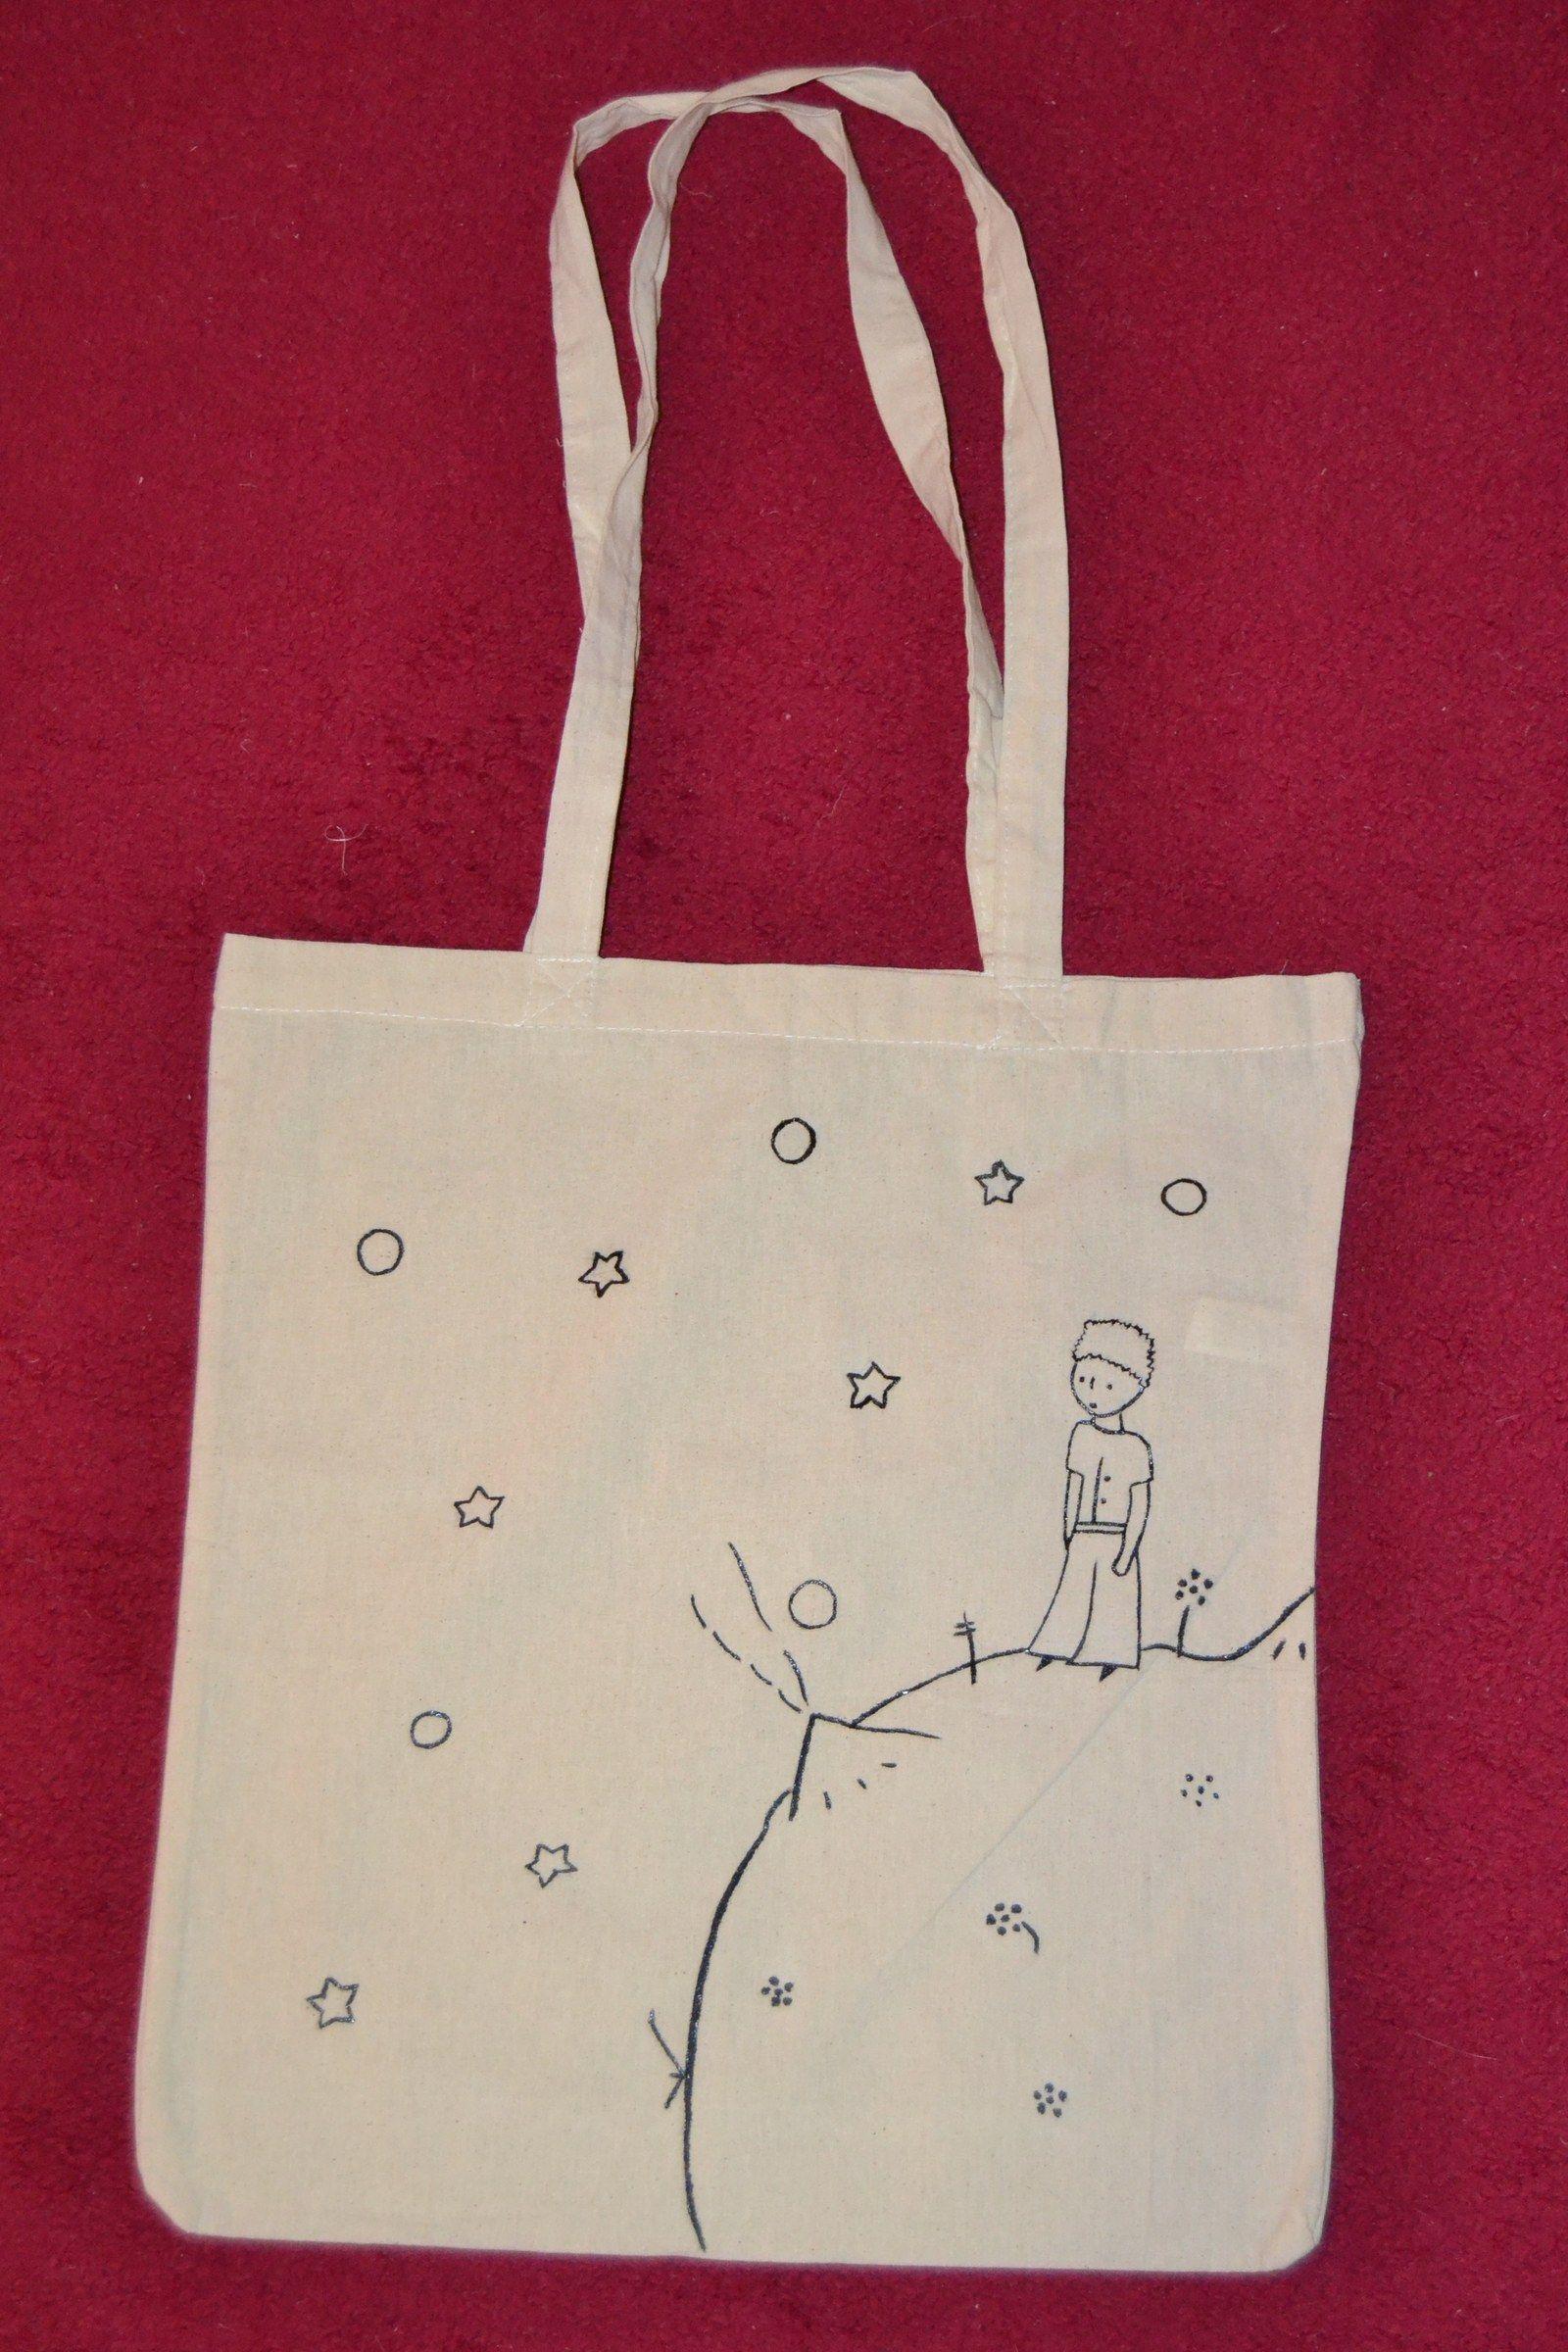 5bbbf5f45 Bavlněná ručně malovaná taška Krásná, bavlněná, ručně malovaná taška.  Rozměry 42 cm x